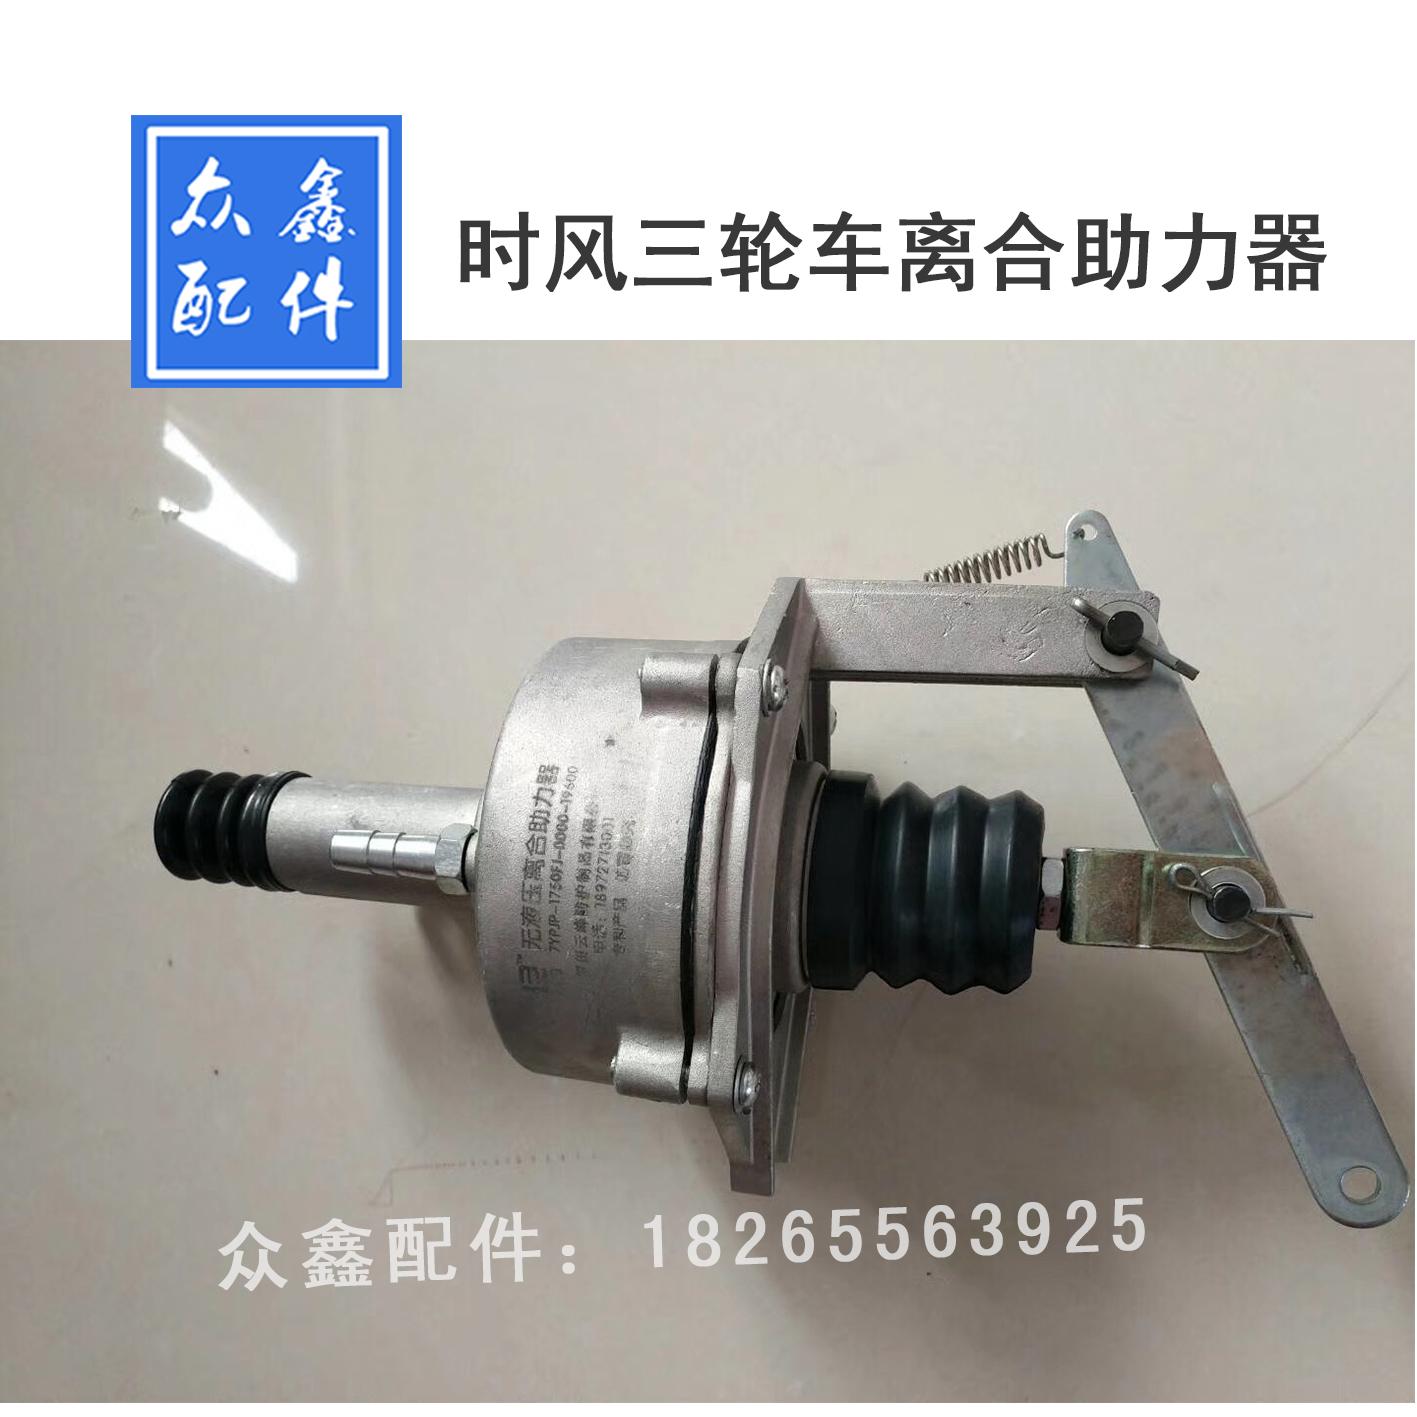 - tillbehör reparera kopplingen booster under vakuum aerodynamiska inga hydrauliska ren luft på kopplingen